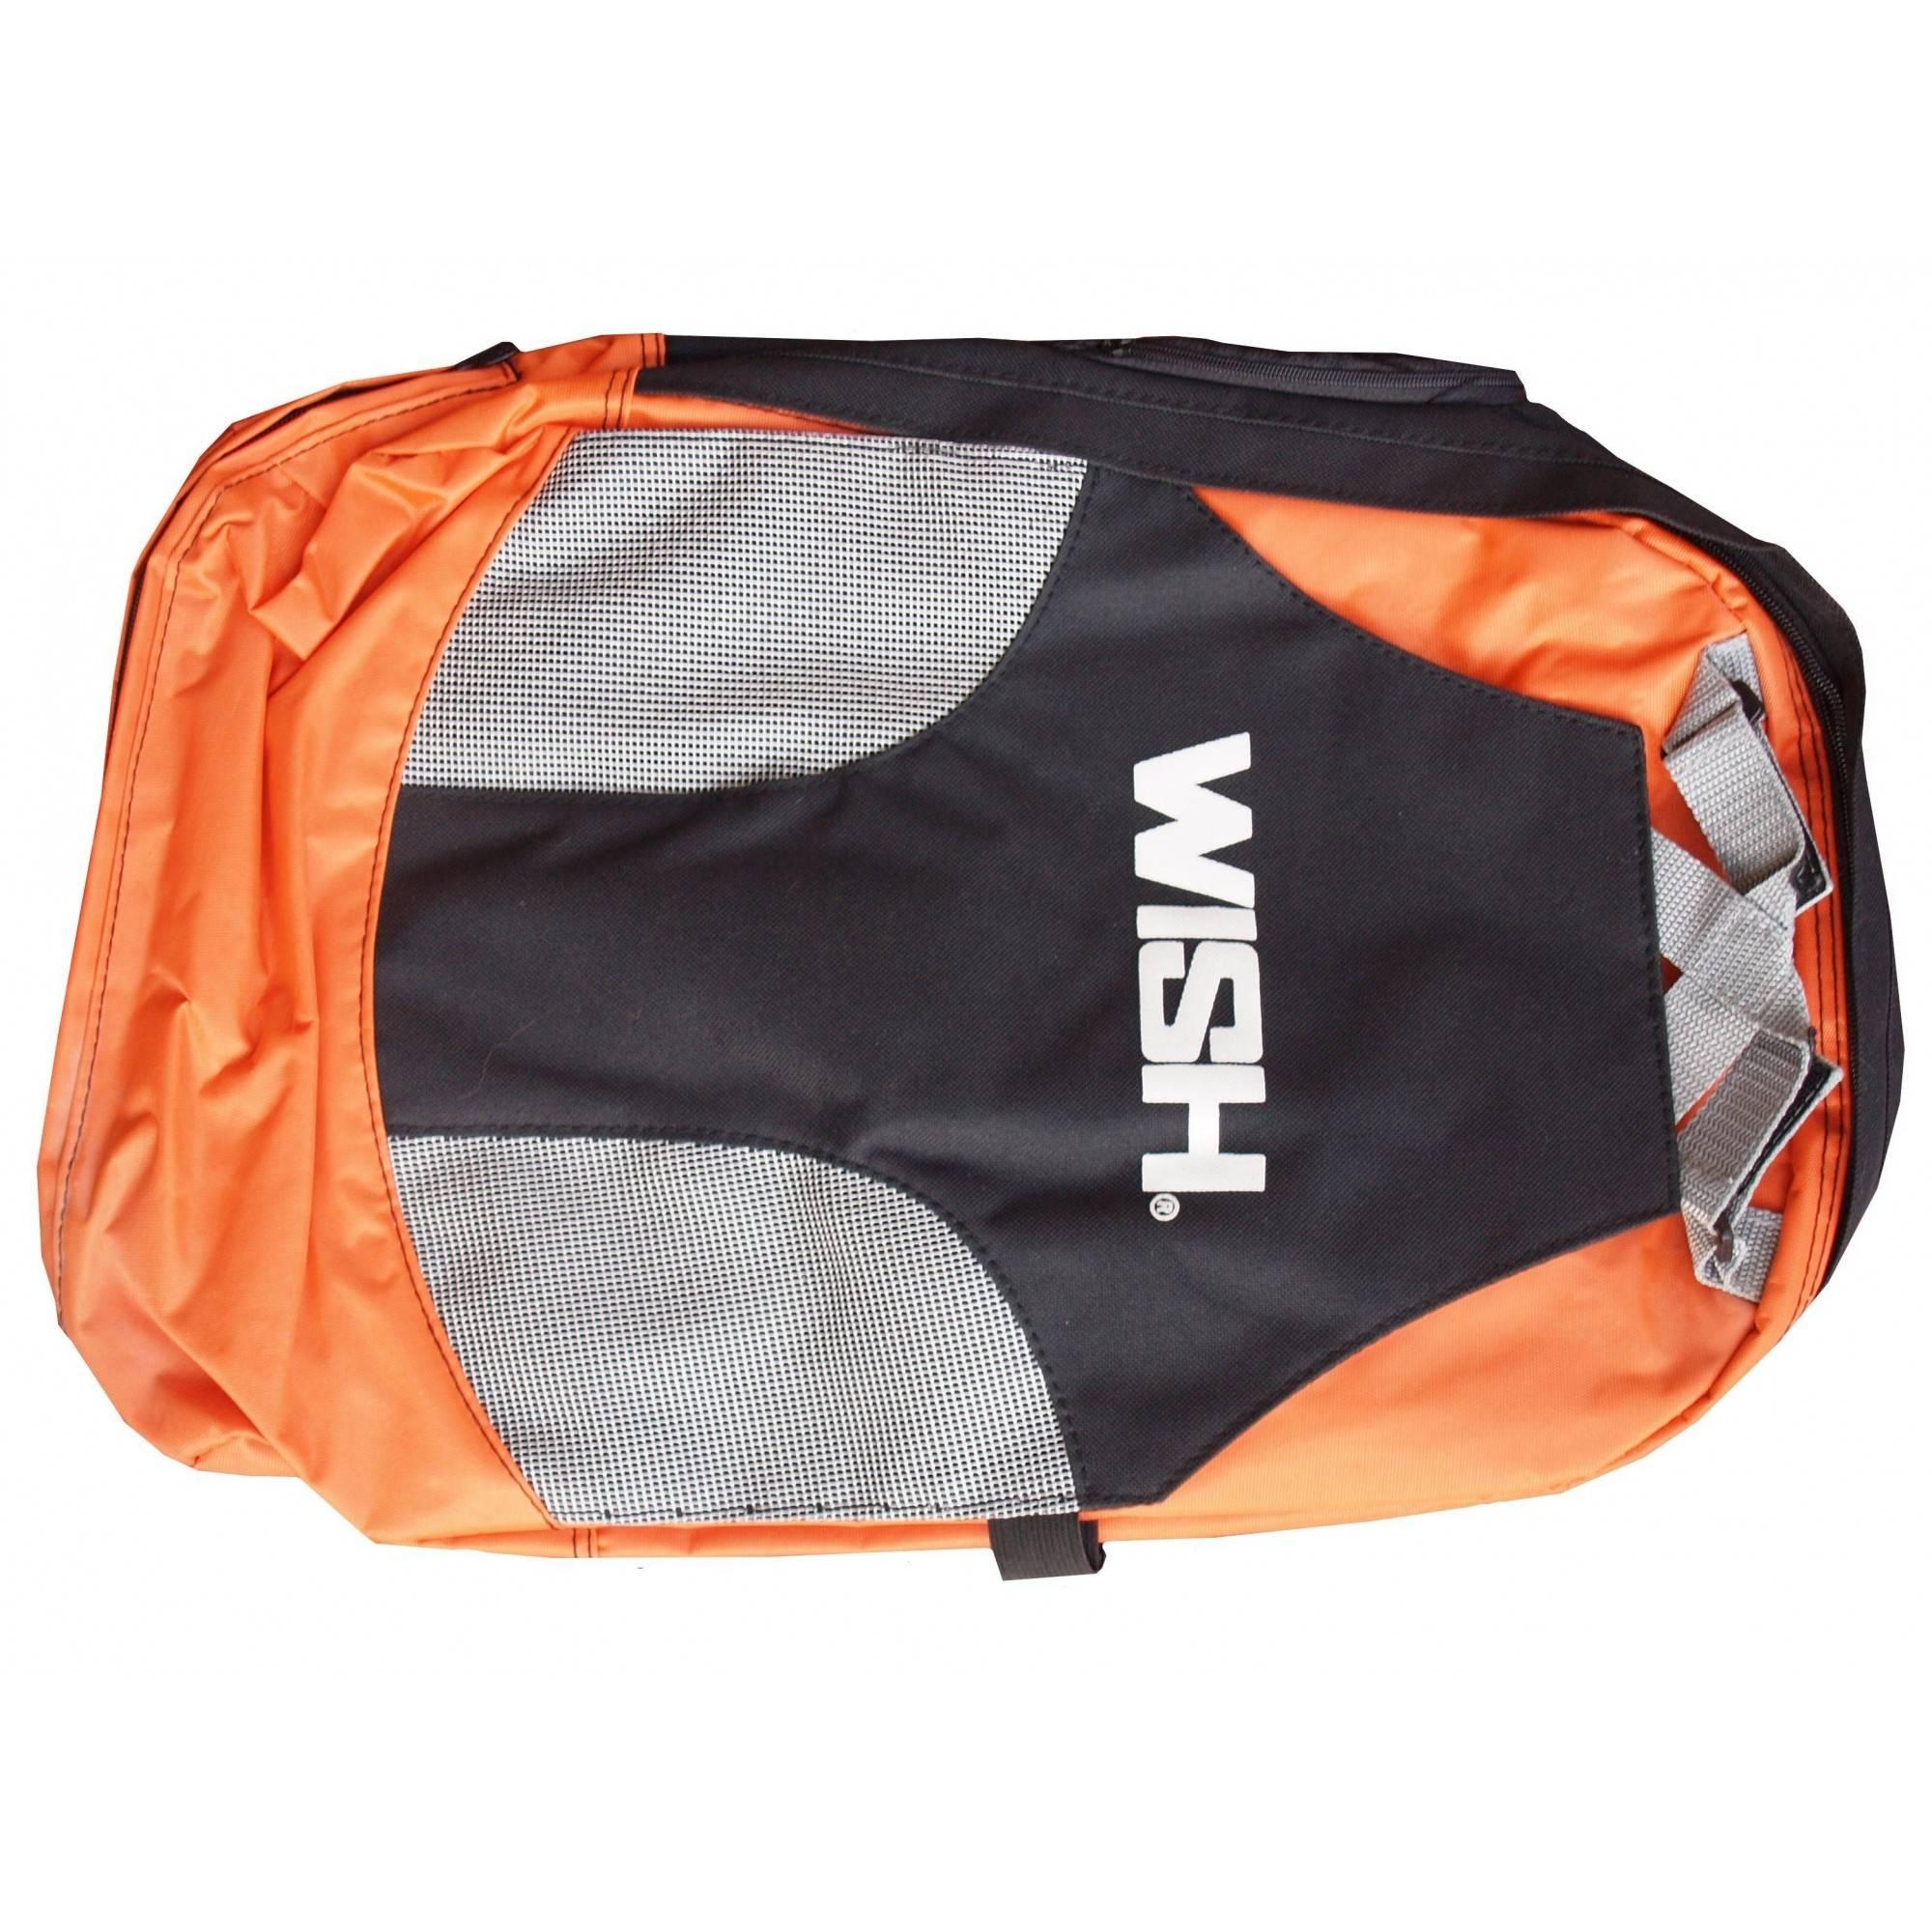 Plecak miejski WISH czarno pomarańczowy,producent: WISH, photo: 1